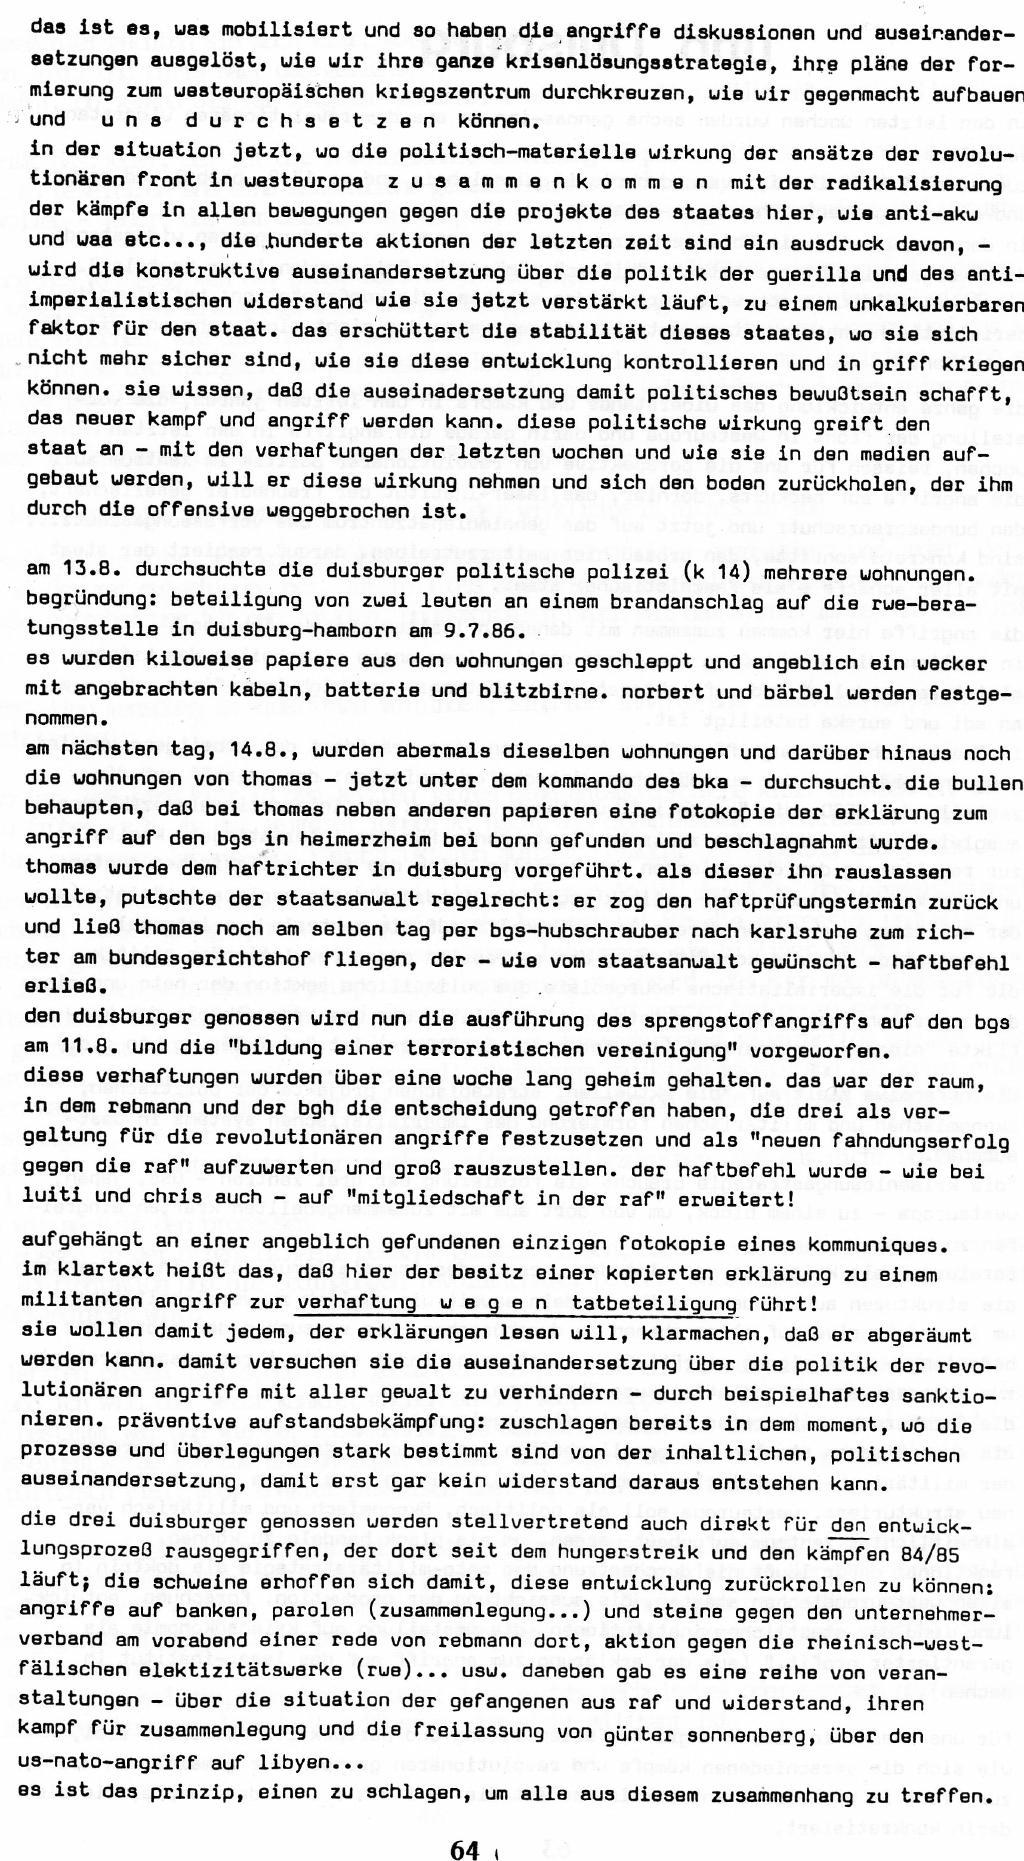 Duesseldorf_1989_Sechs_Politische_Gefangene_064